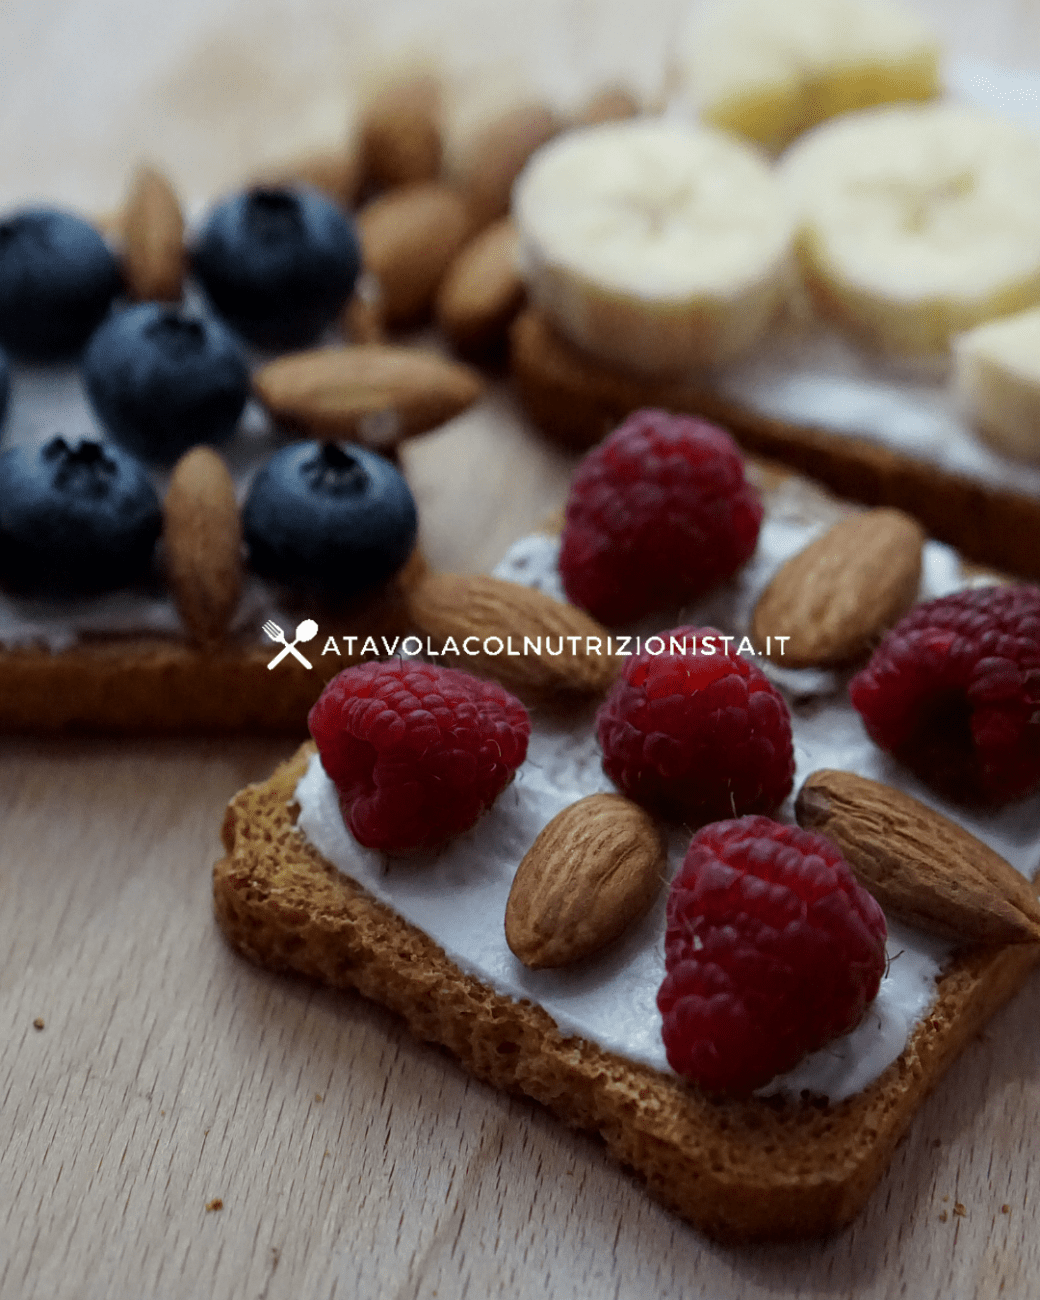 Colazione semplice: Fette biscottate farcite